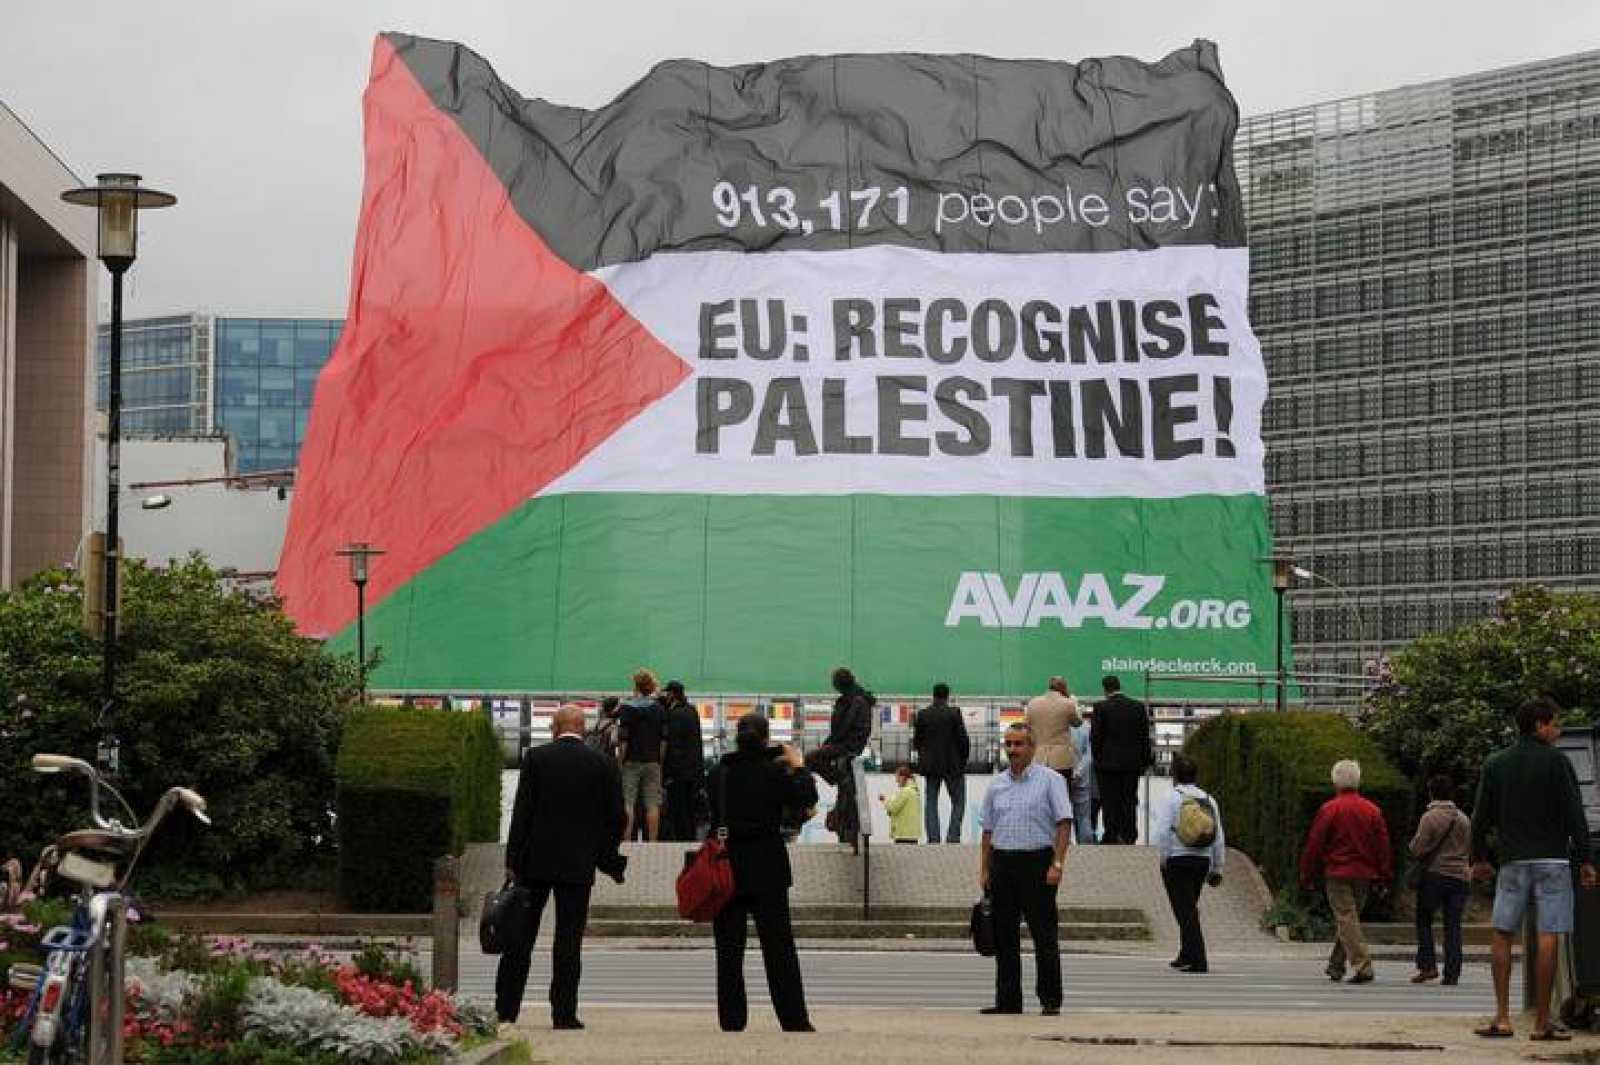 Un bandera palestina de la campaña para apoyar su reconocimiento como estado, frente a la sede de la UE en Bruselas